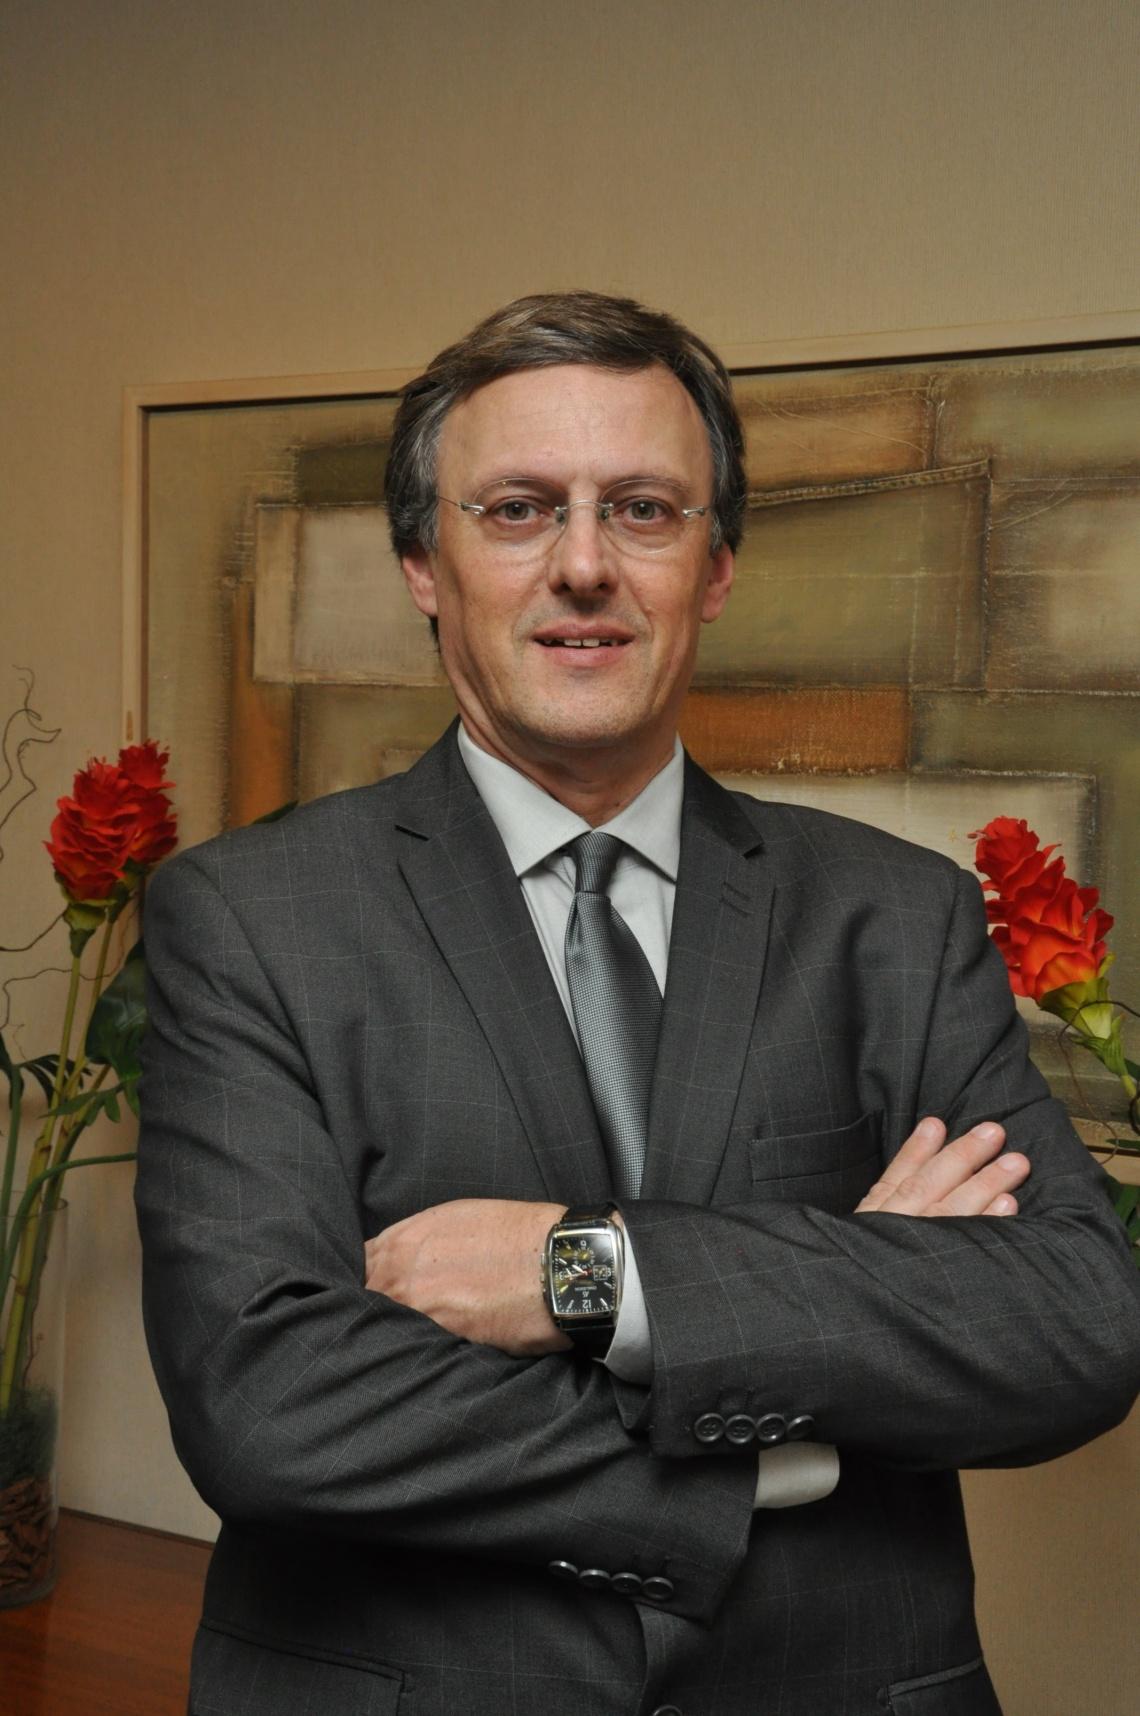 Ricardo_Melantonio_Superintendente_Juridico_Compliance_Credito_Servfoto